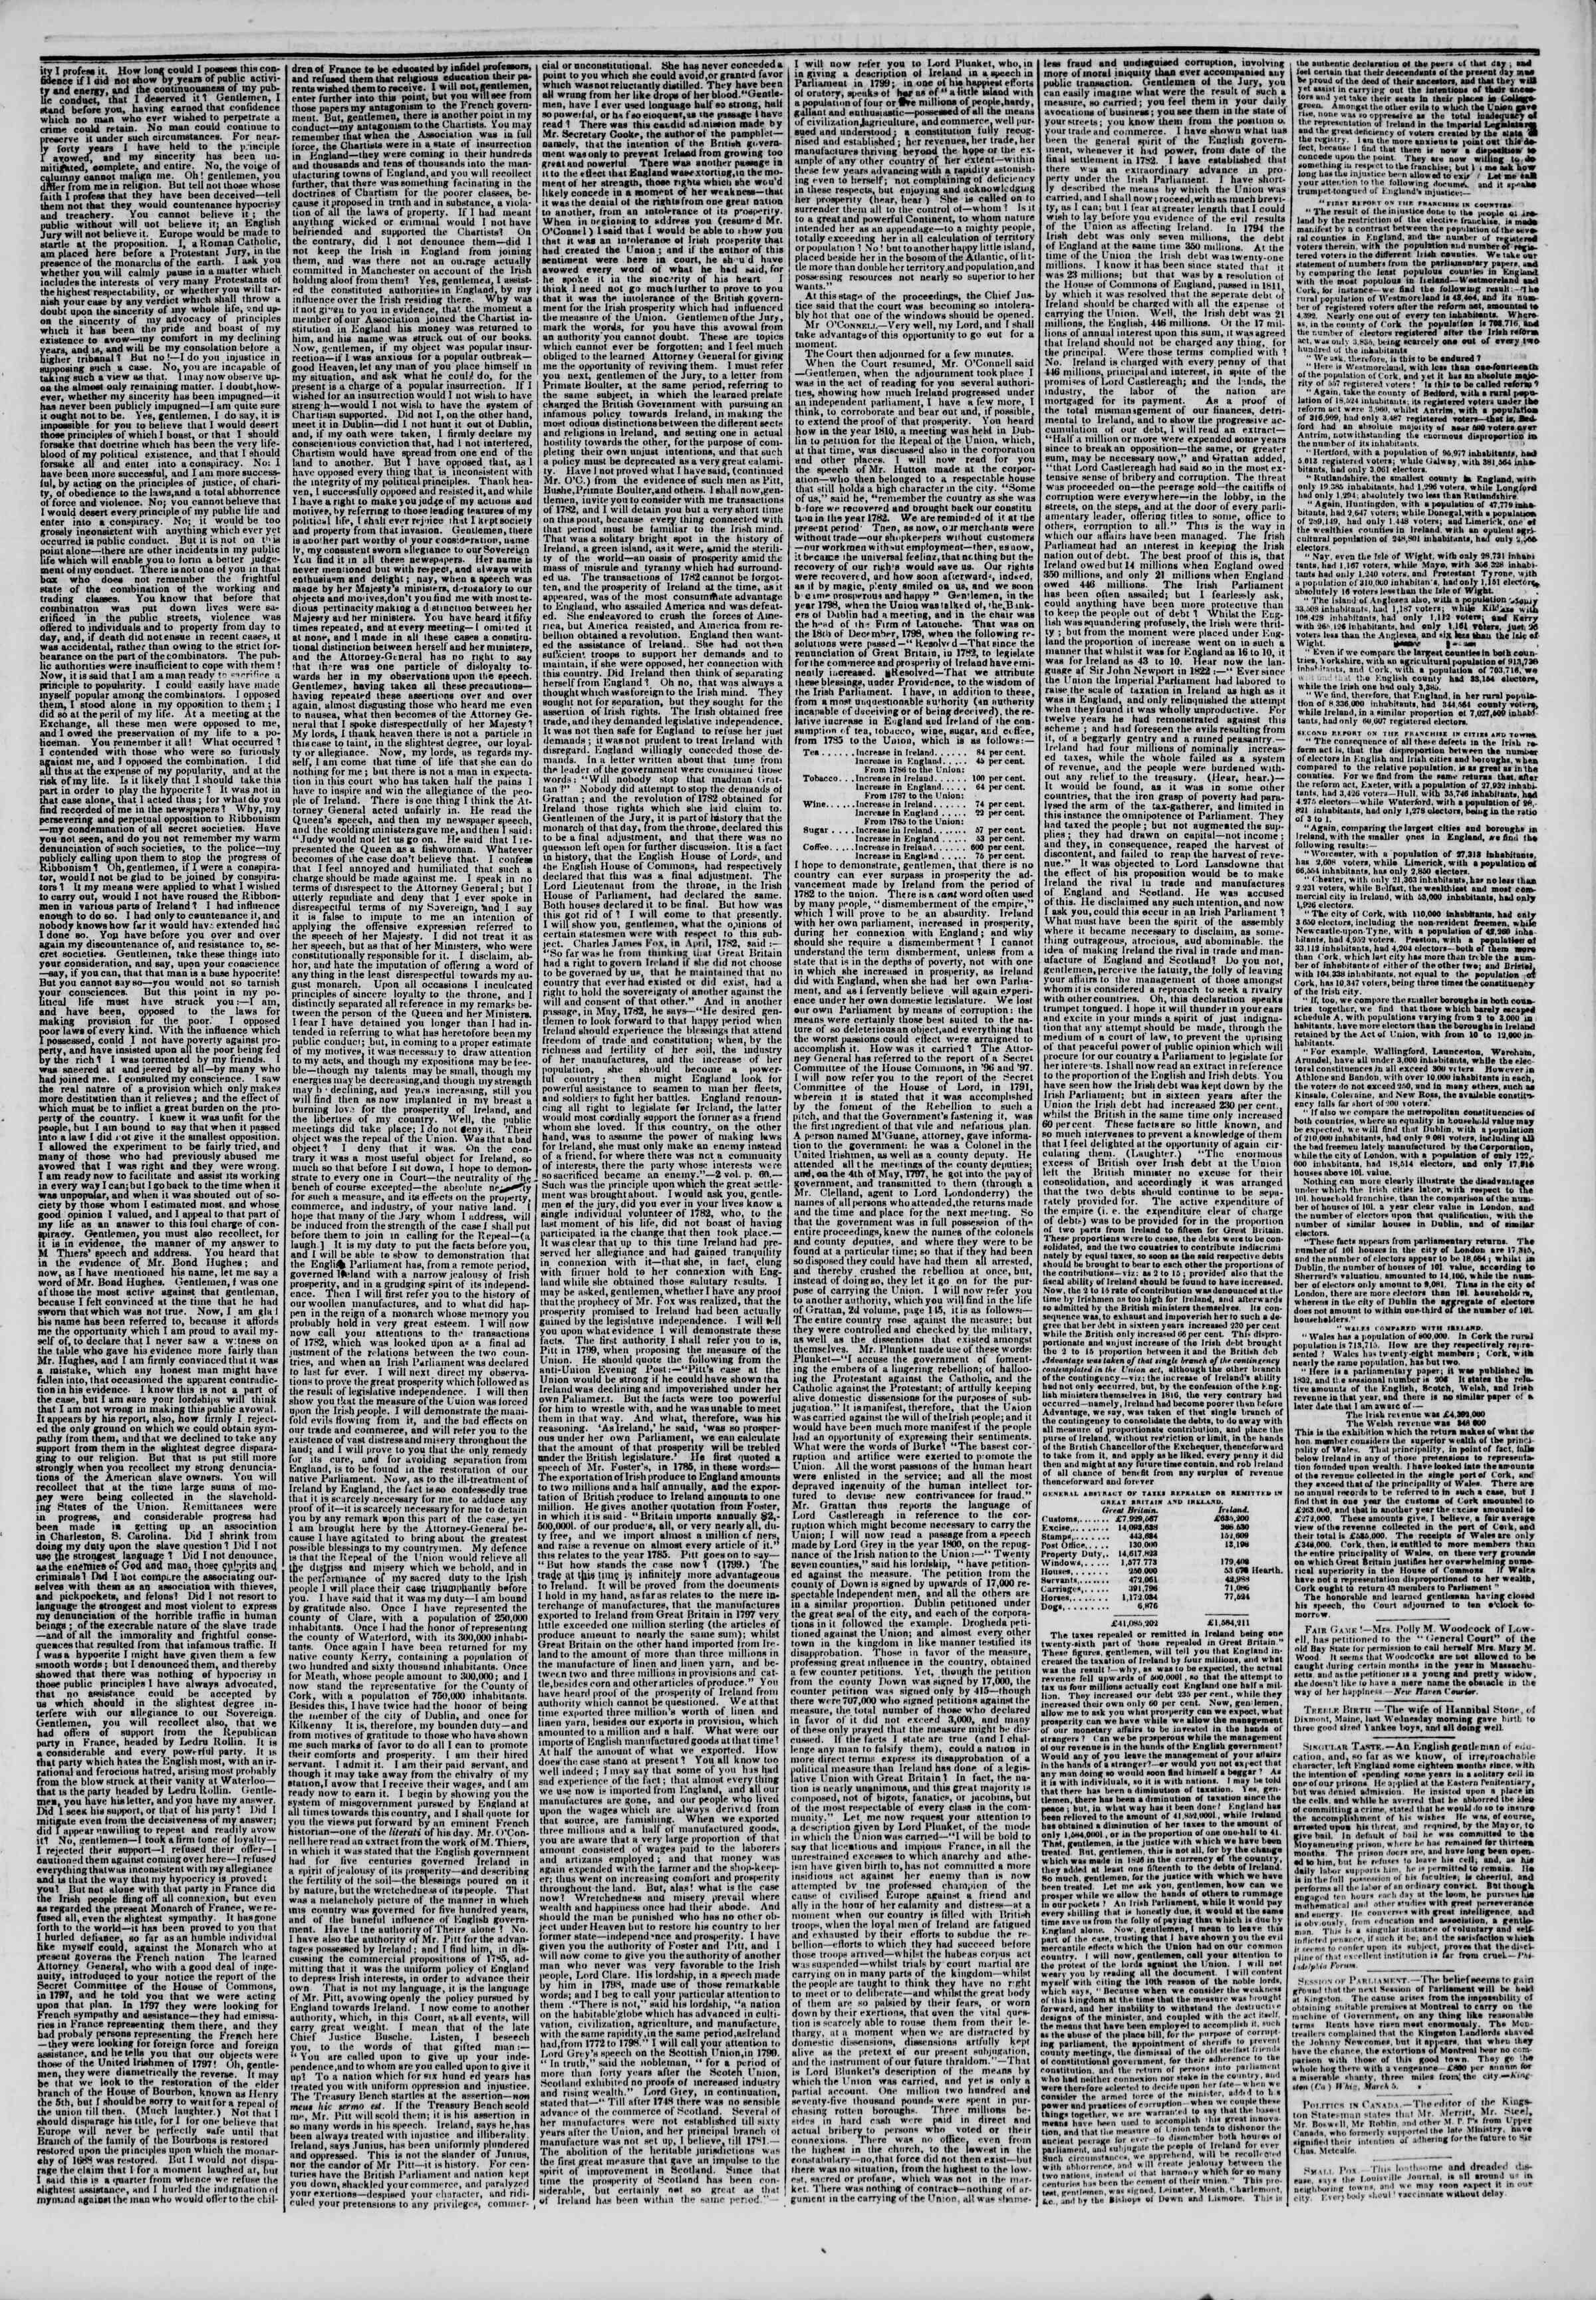 March 14, 1844 Tarihli The New York Herald Gazetesi Sayfa 3